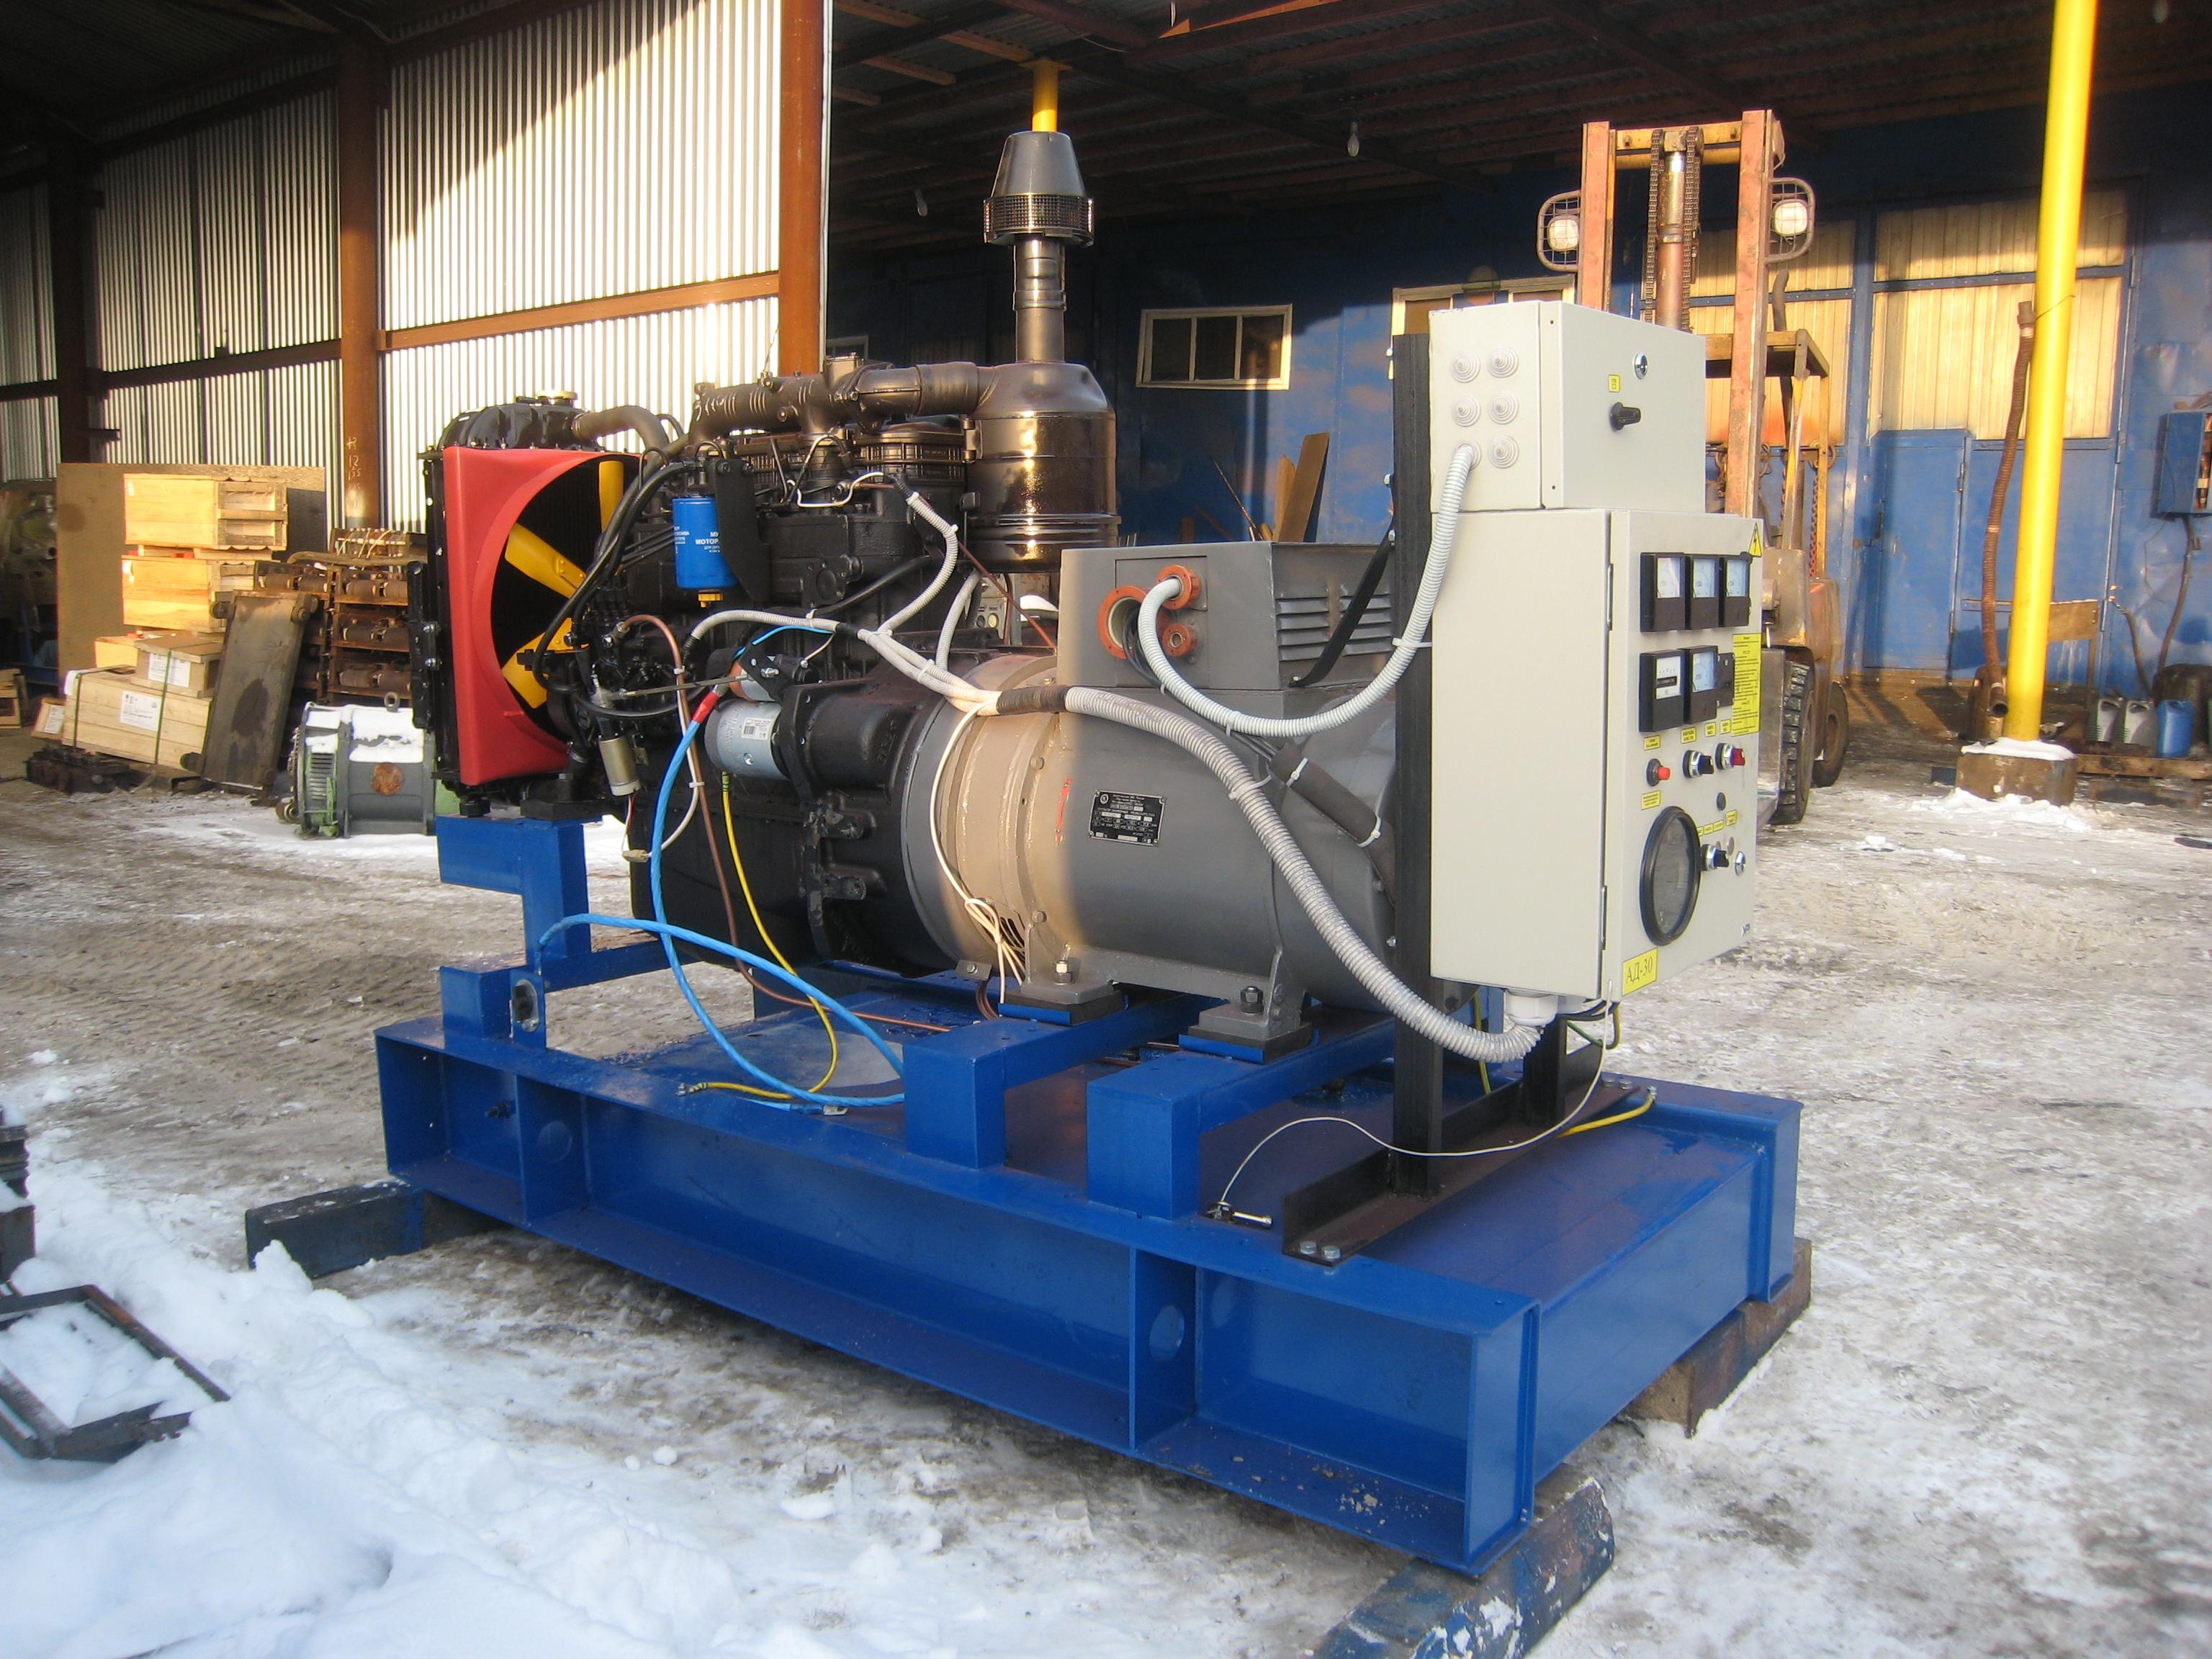 Картинки по запросу дизельный генератор за работой